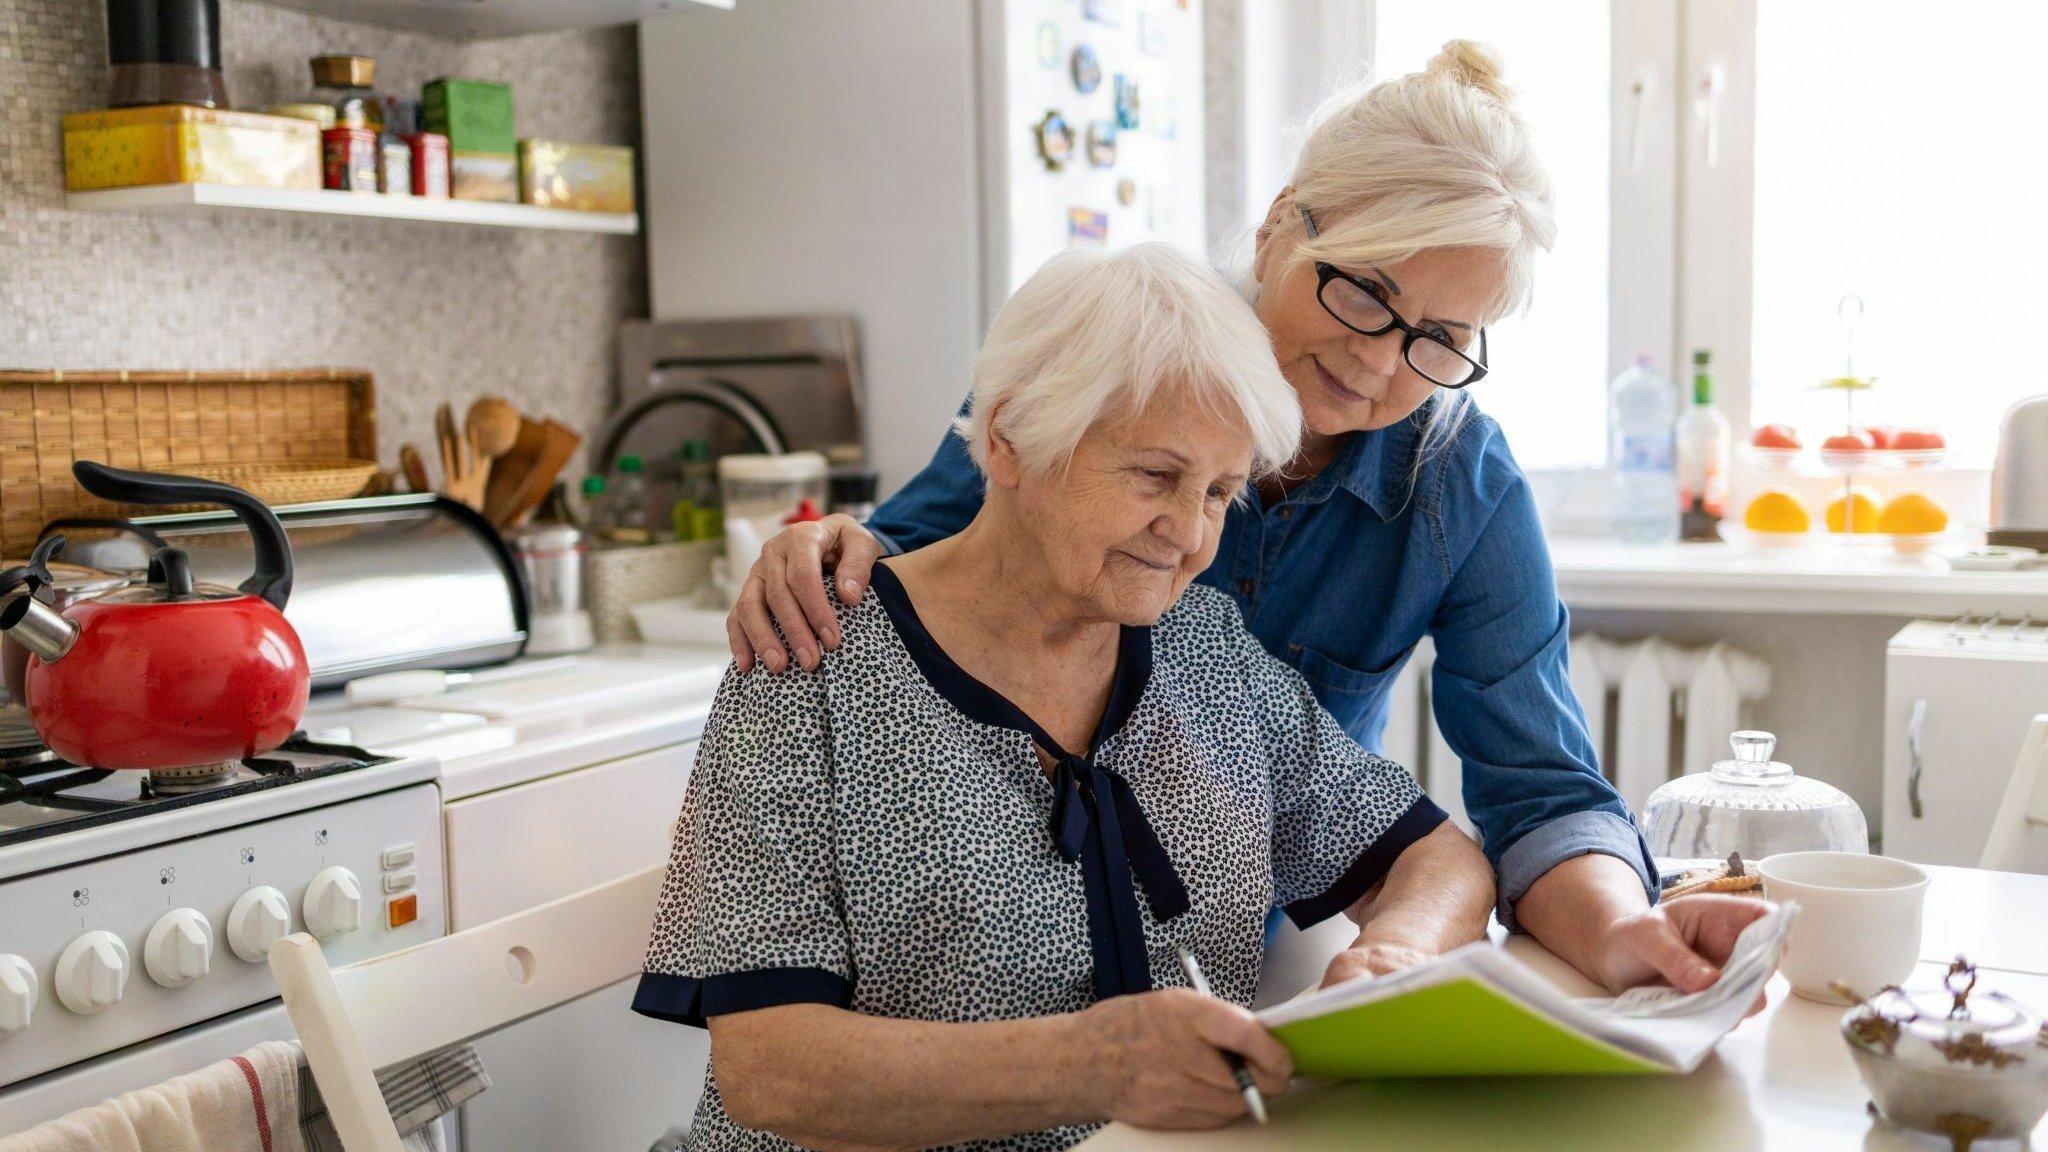 Eine Frau hilft ihrer alten Mutter am Küchentisch mit Papierkram.